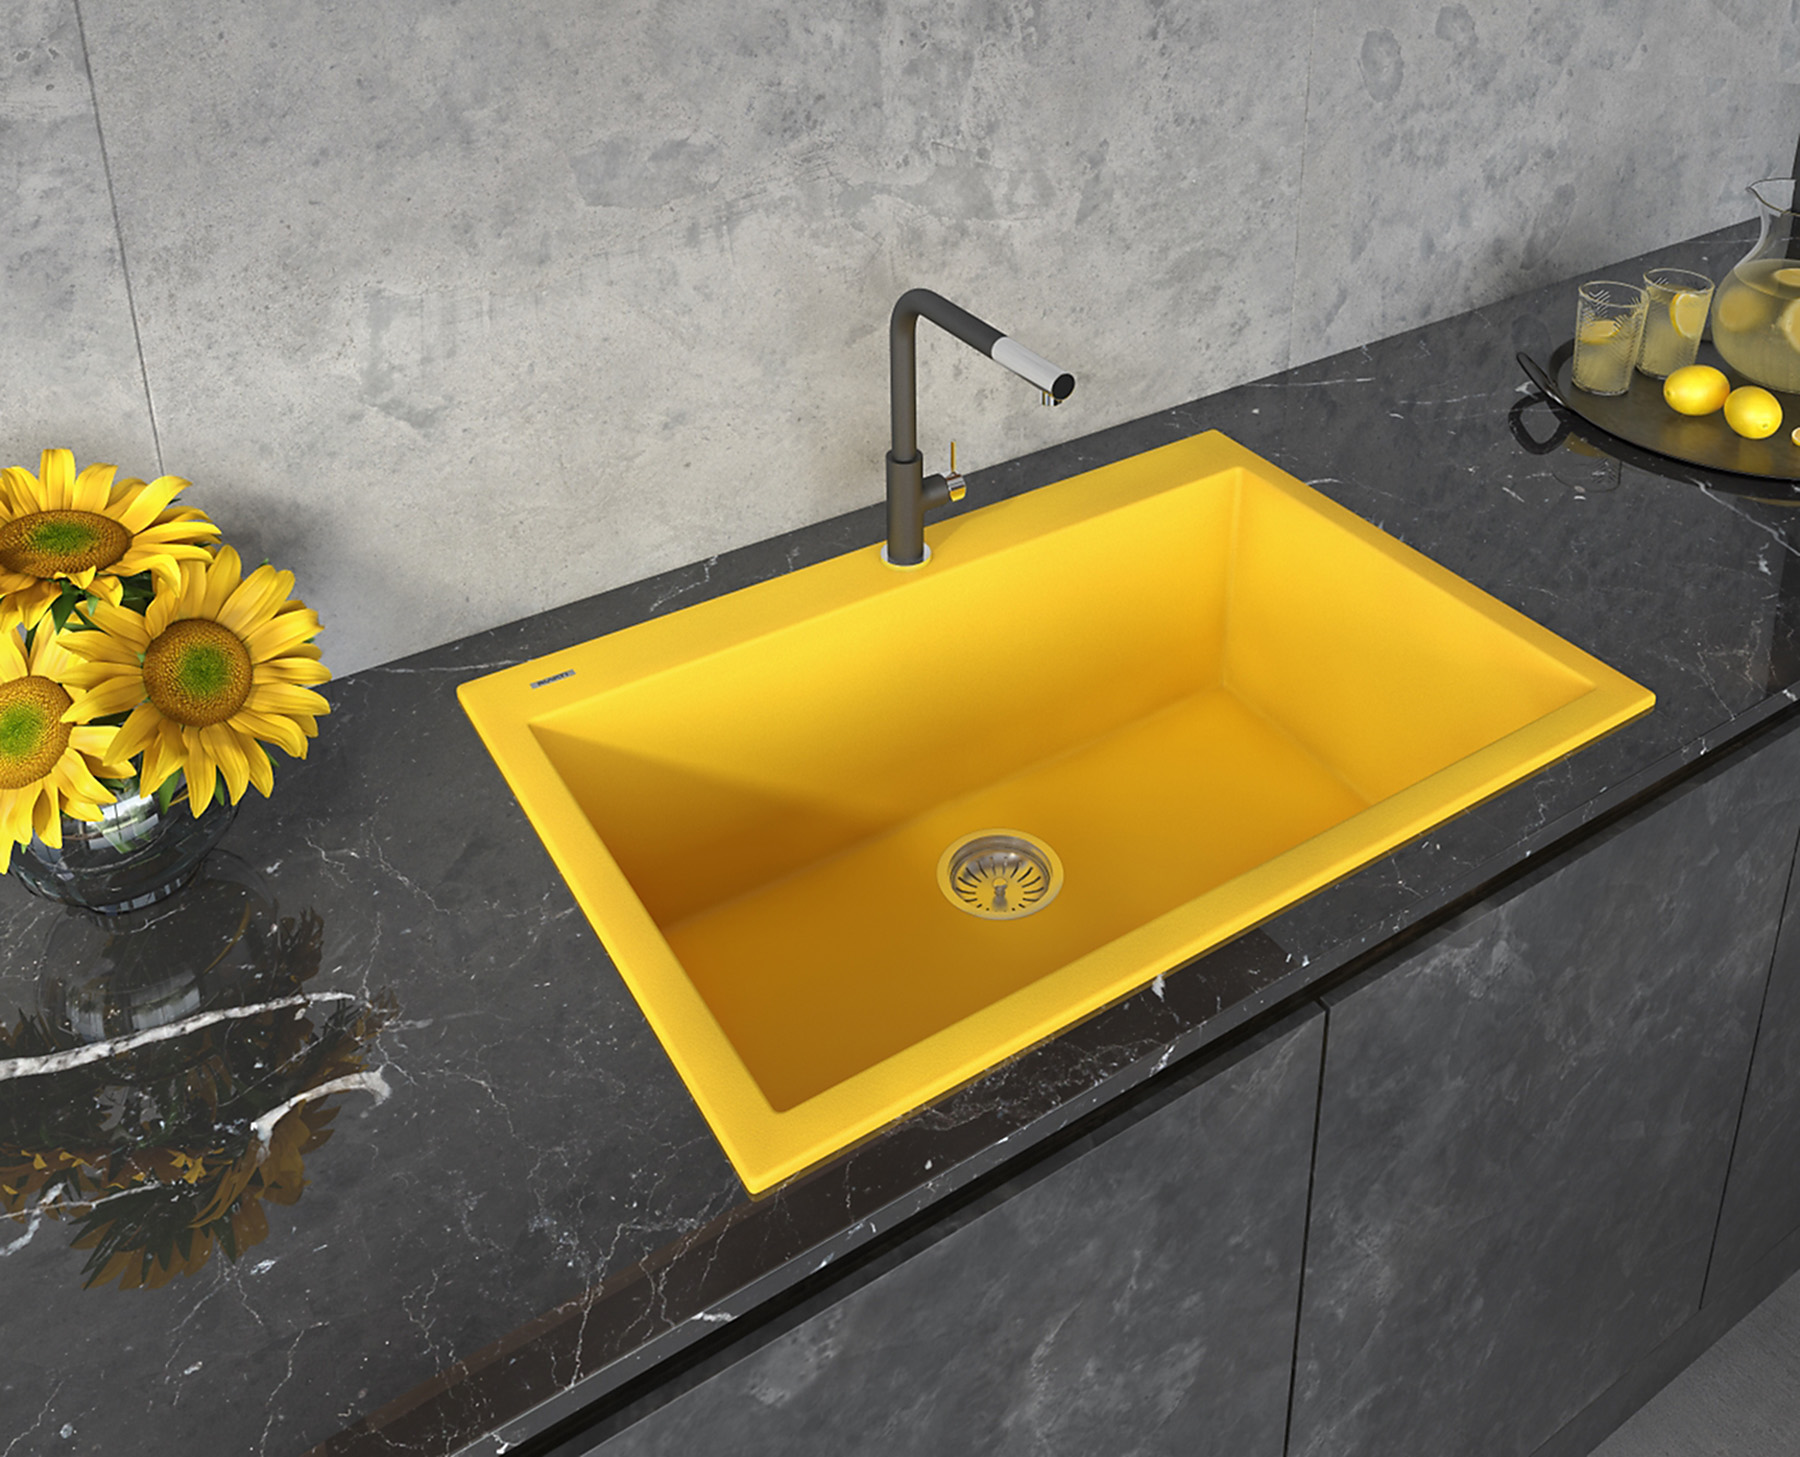 ruvati adds bright yellow to epigranite